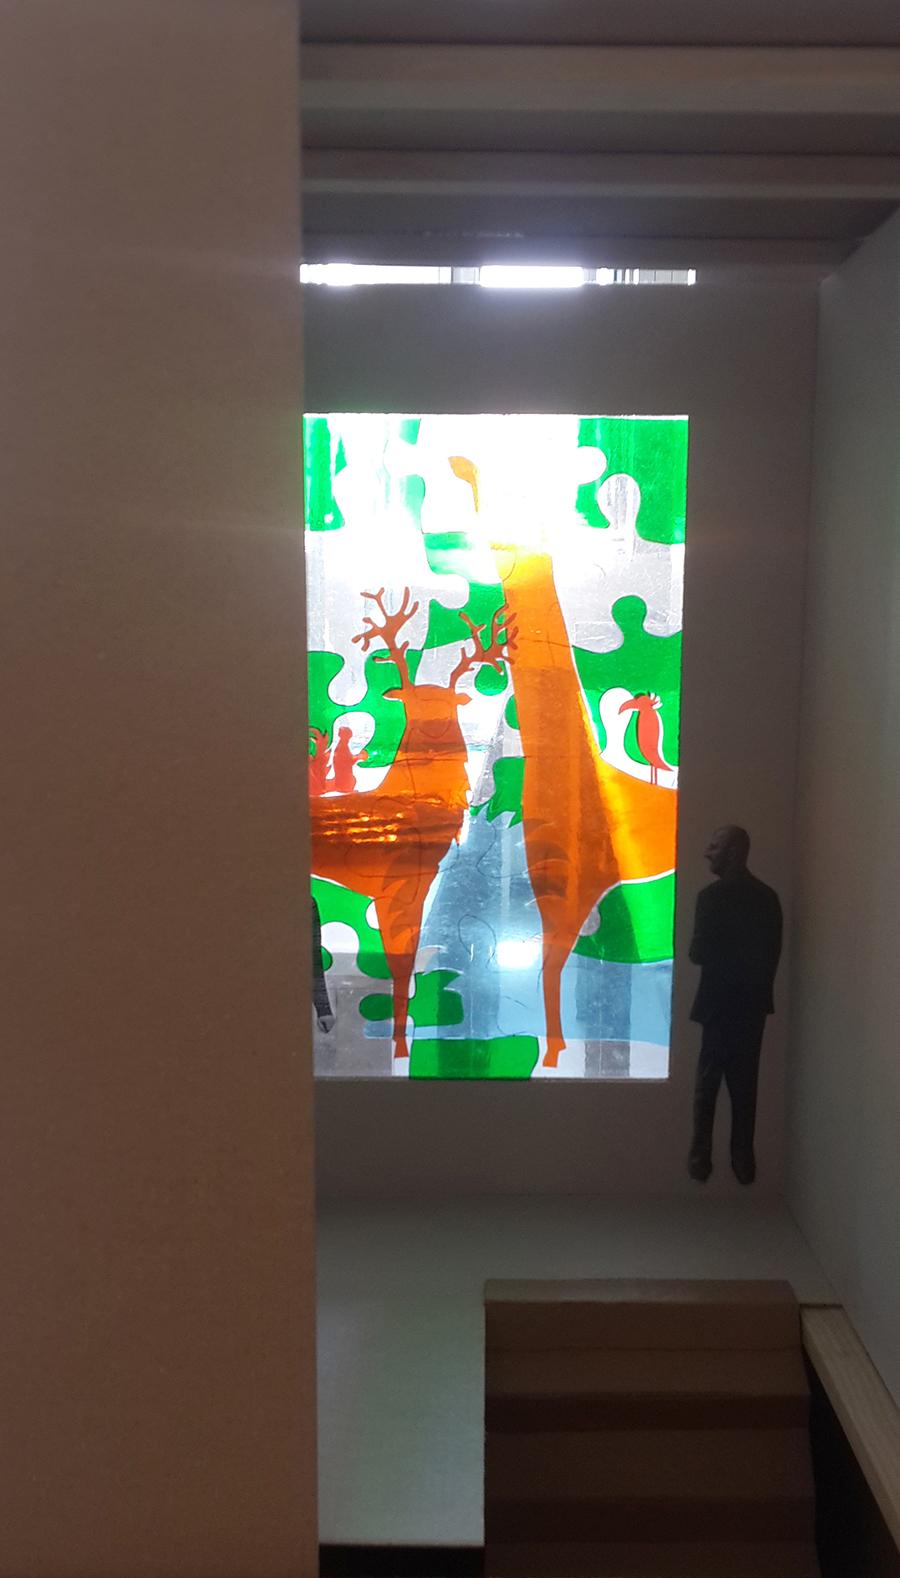 הגשה בM0ME- מודל מוקטן של מבנה, הגשה בעיצוב זכוכית